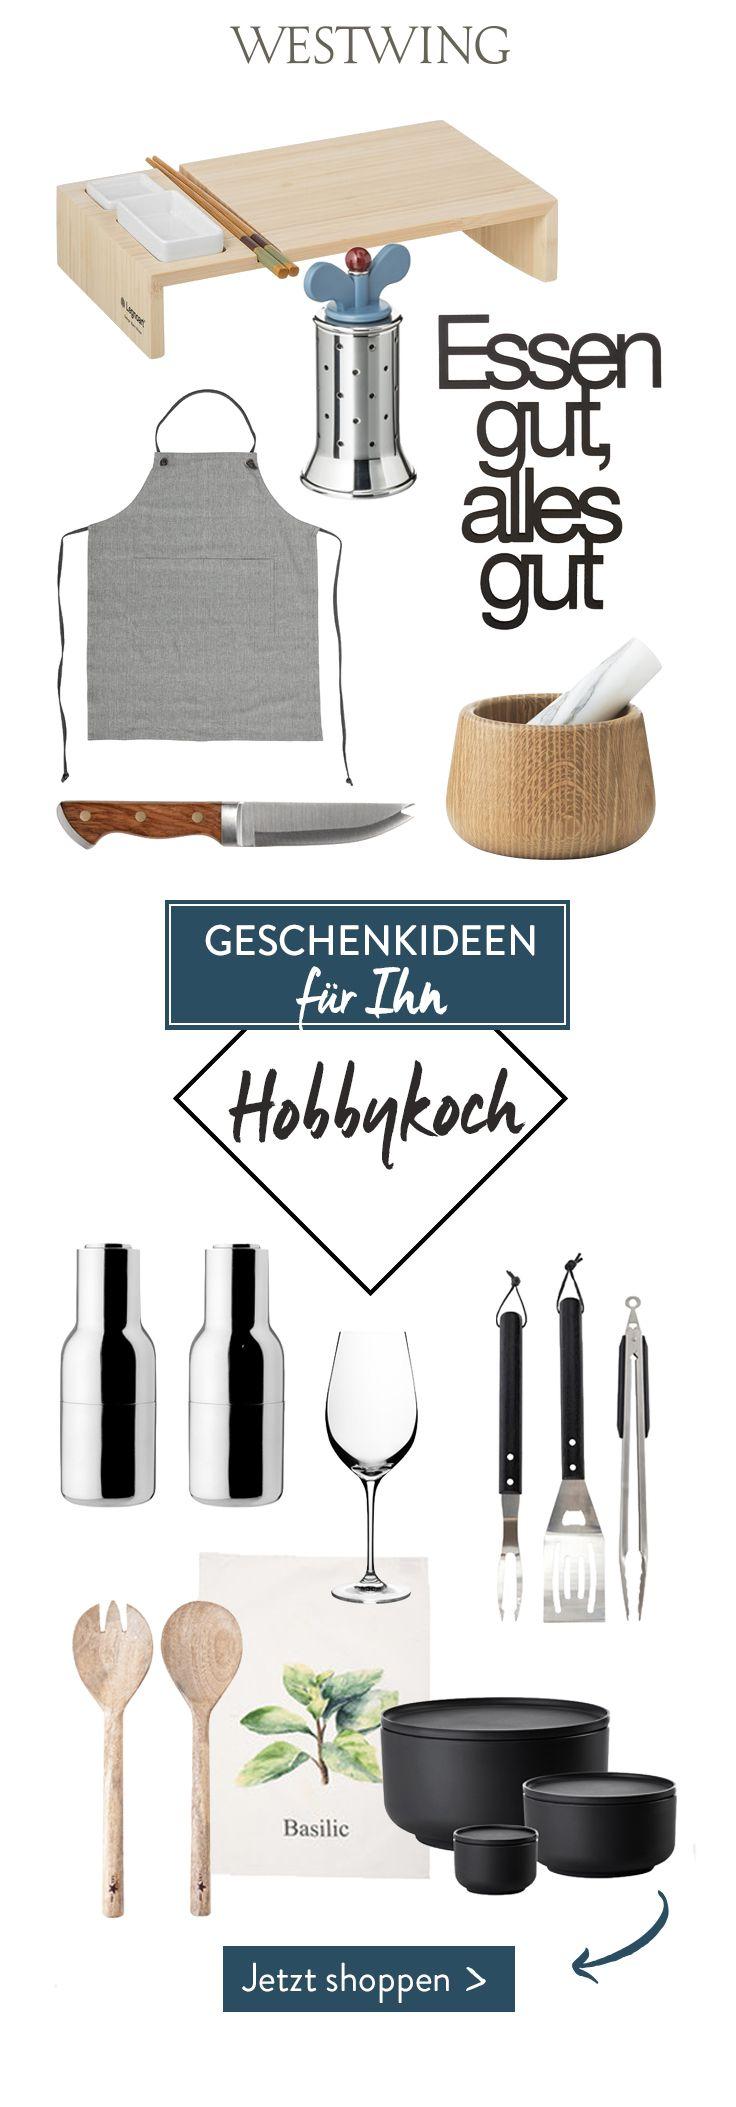 geschenkideen f r ihn hobbykoch dein vater ehemann oder freund liebt es zu kochen und neue. Black Bedroom Furniture Sets. Home Design Ideas